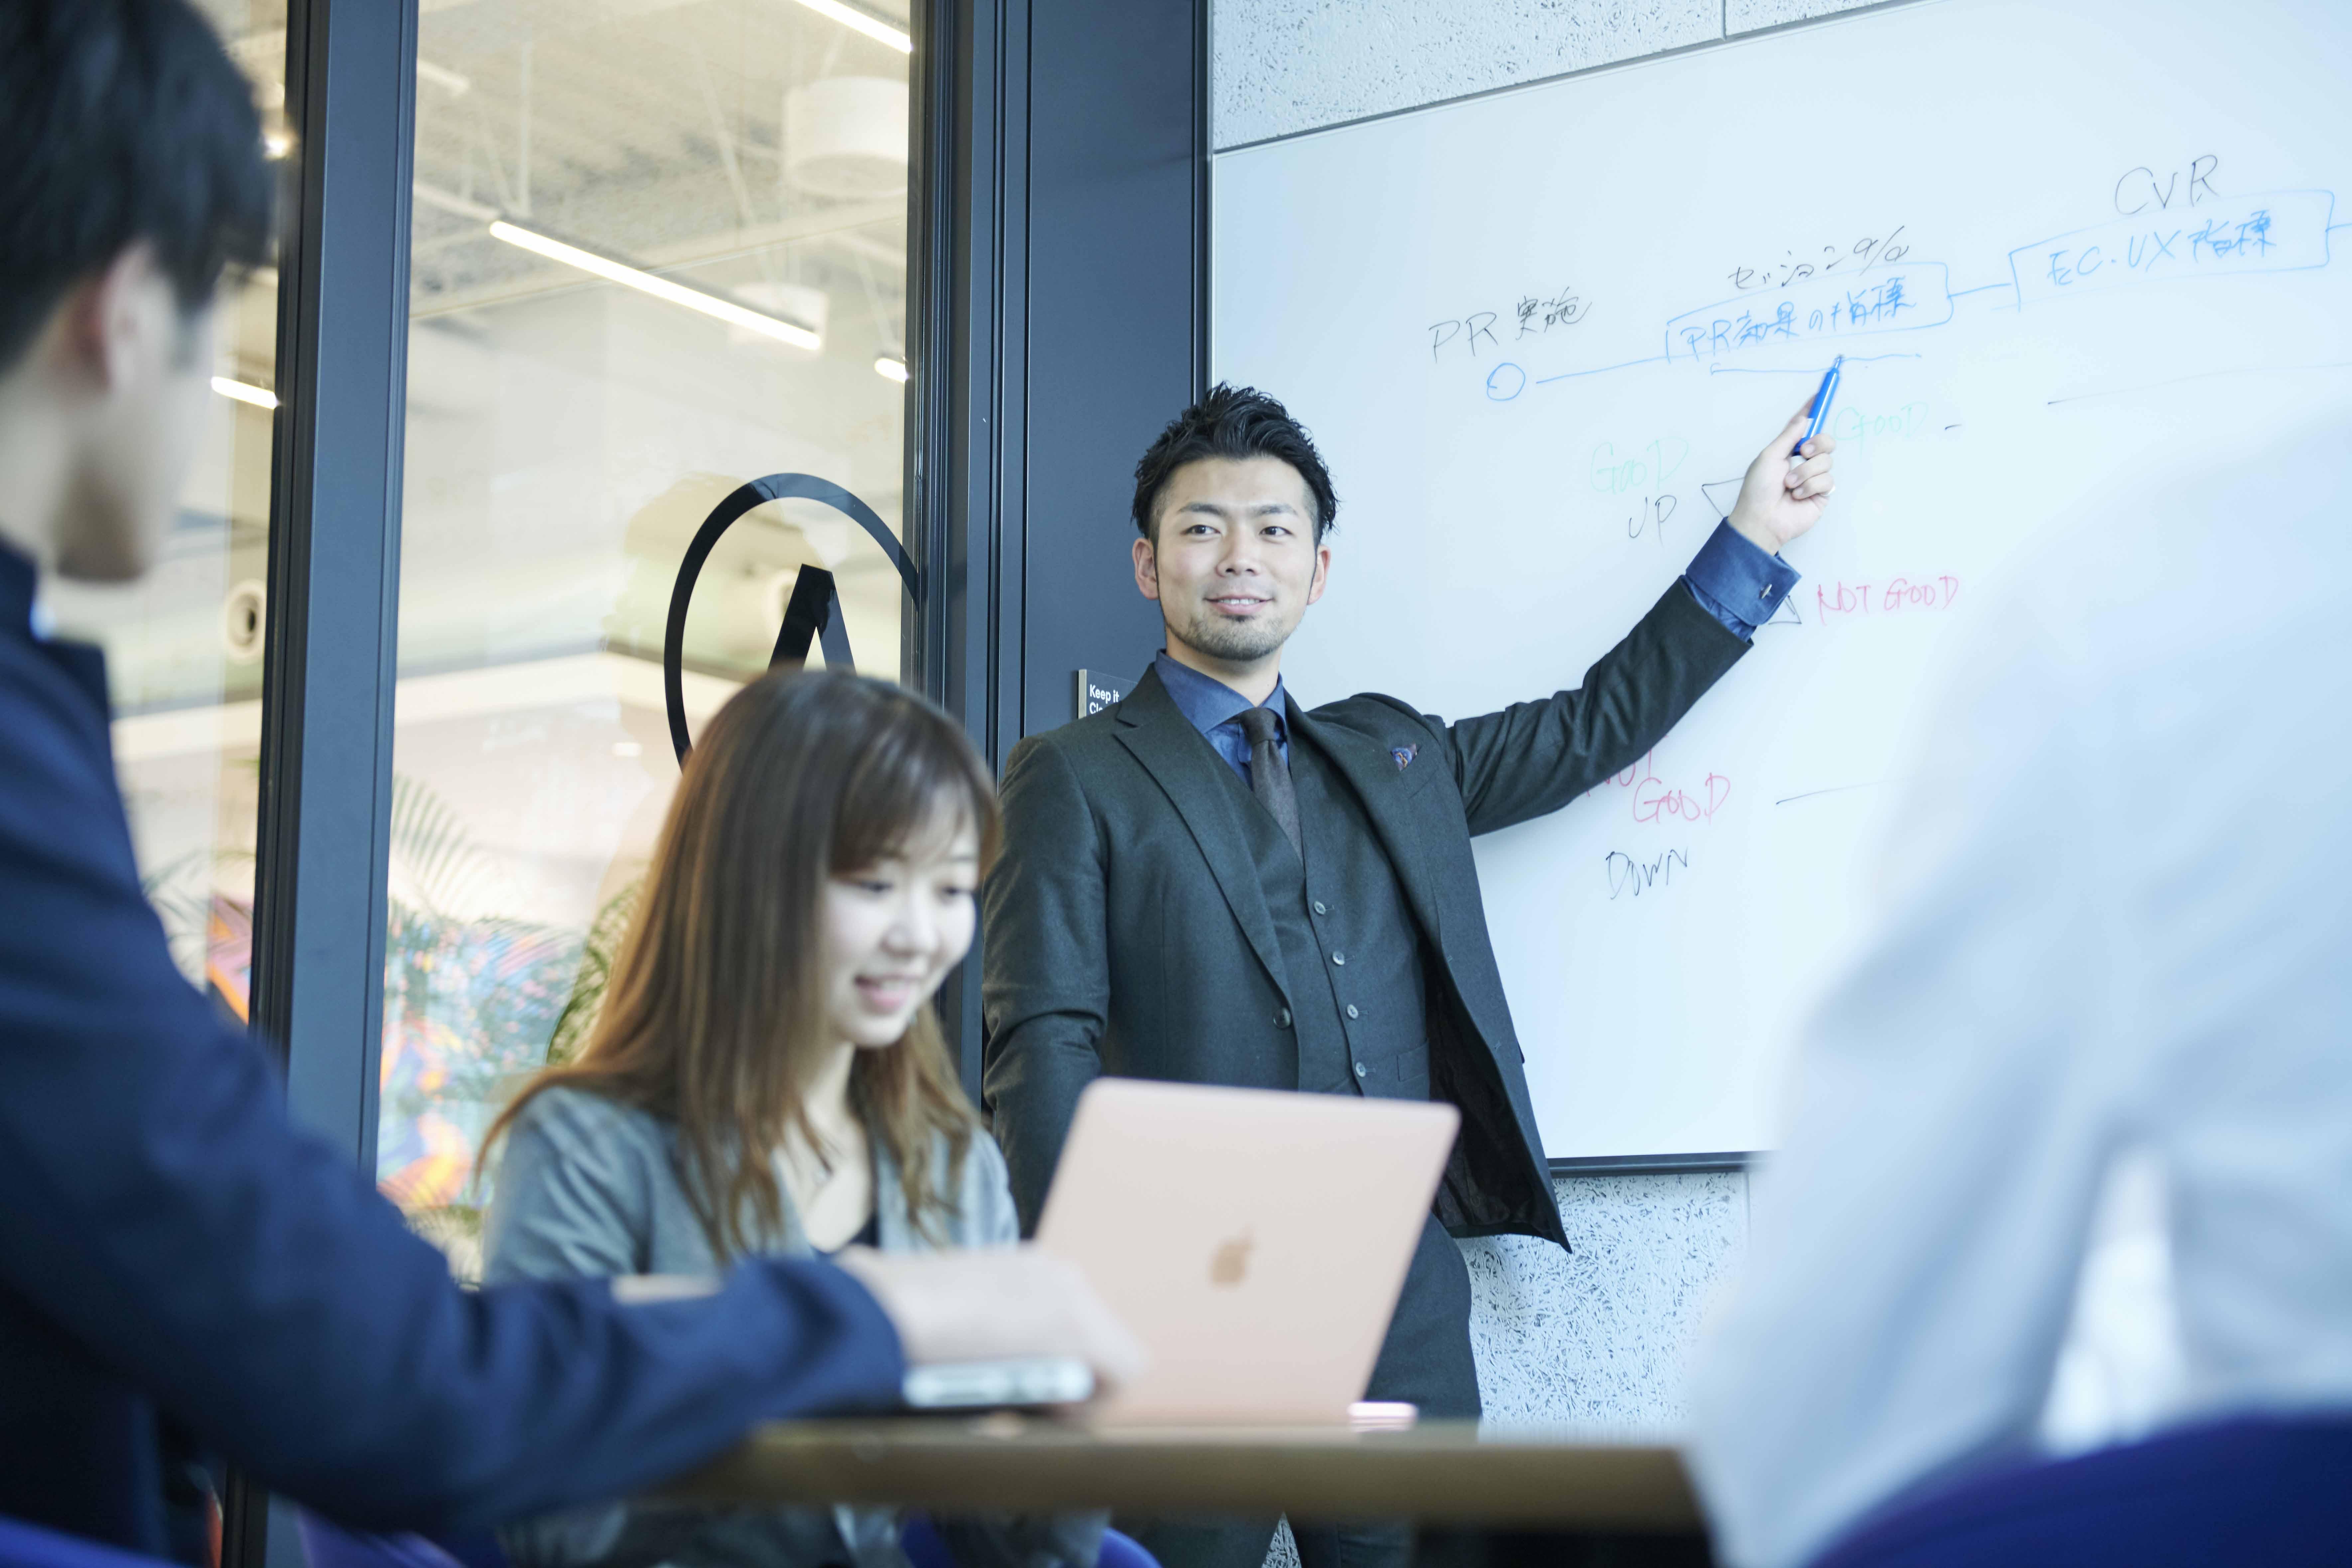 企画提案力、コミュニケーションセンス、データ解析力が身に付きます。